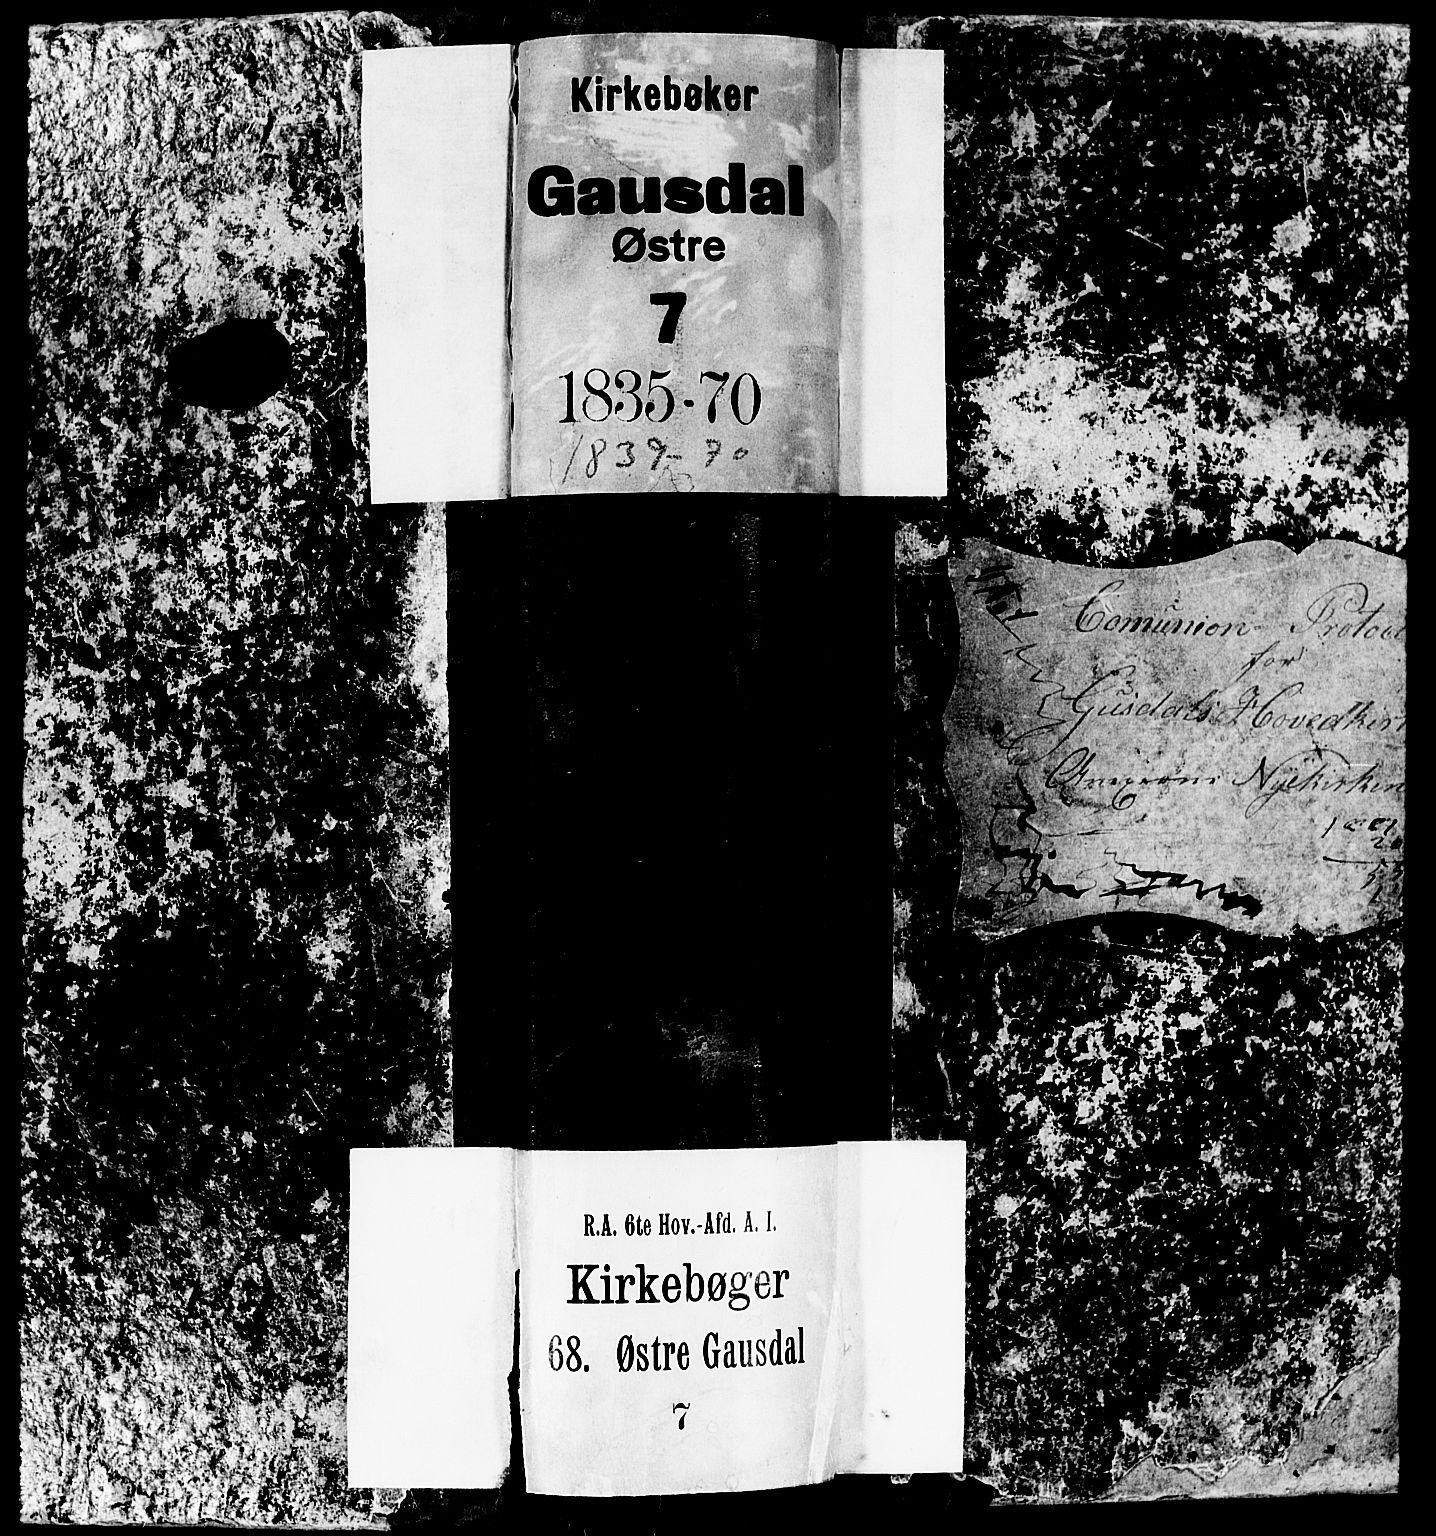 SAH, Gausdal prestekontor, Klokkerbok nr. 4, 1835-1870